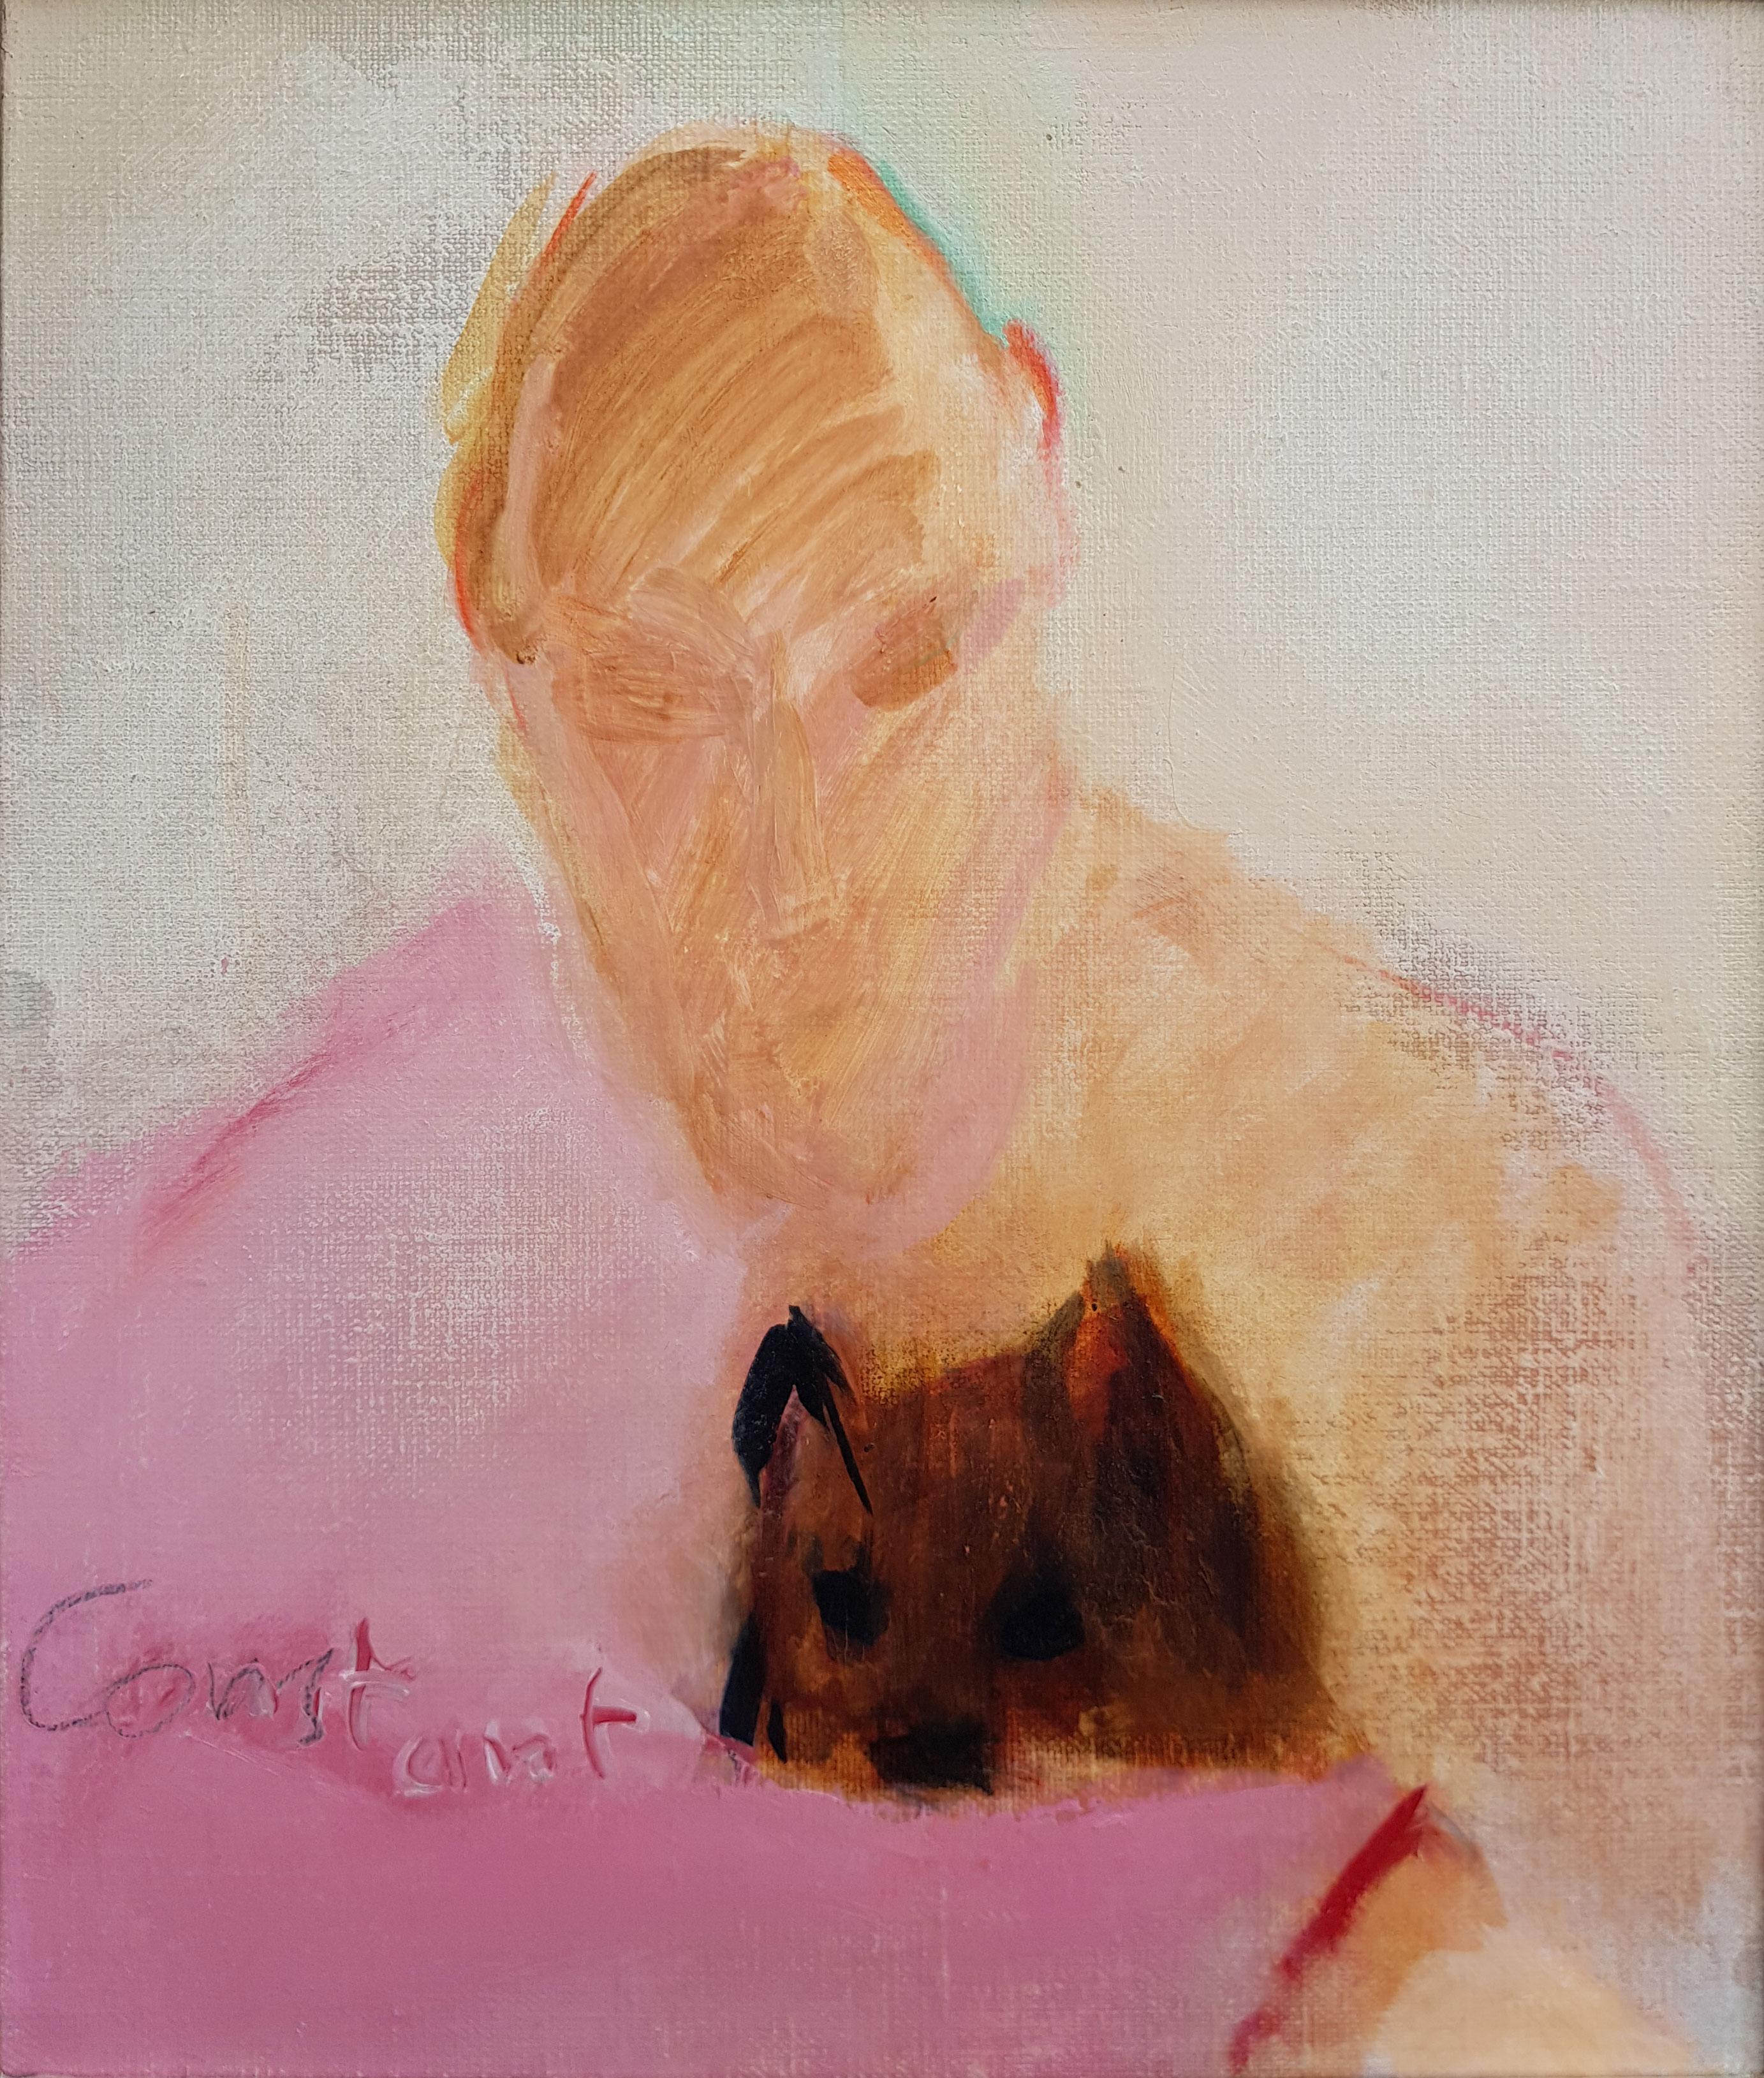 Zelfportret met hond- Constant (Amsterdam, 21 juli 1920 – Utrecht, 1 augustus 2005) Constant Anton Nieuwenhuijs